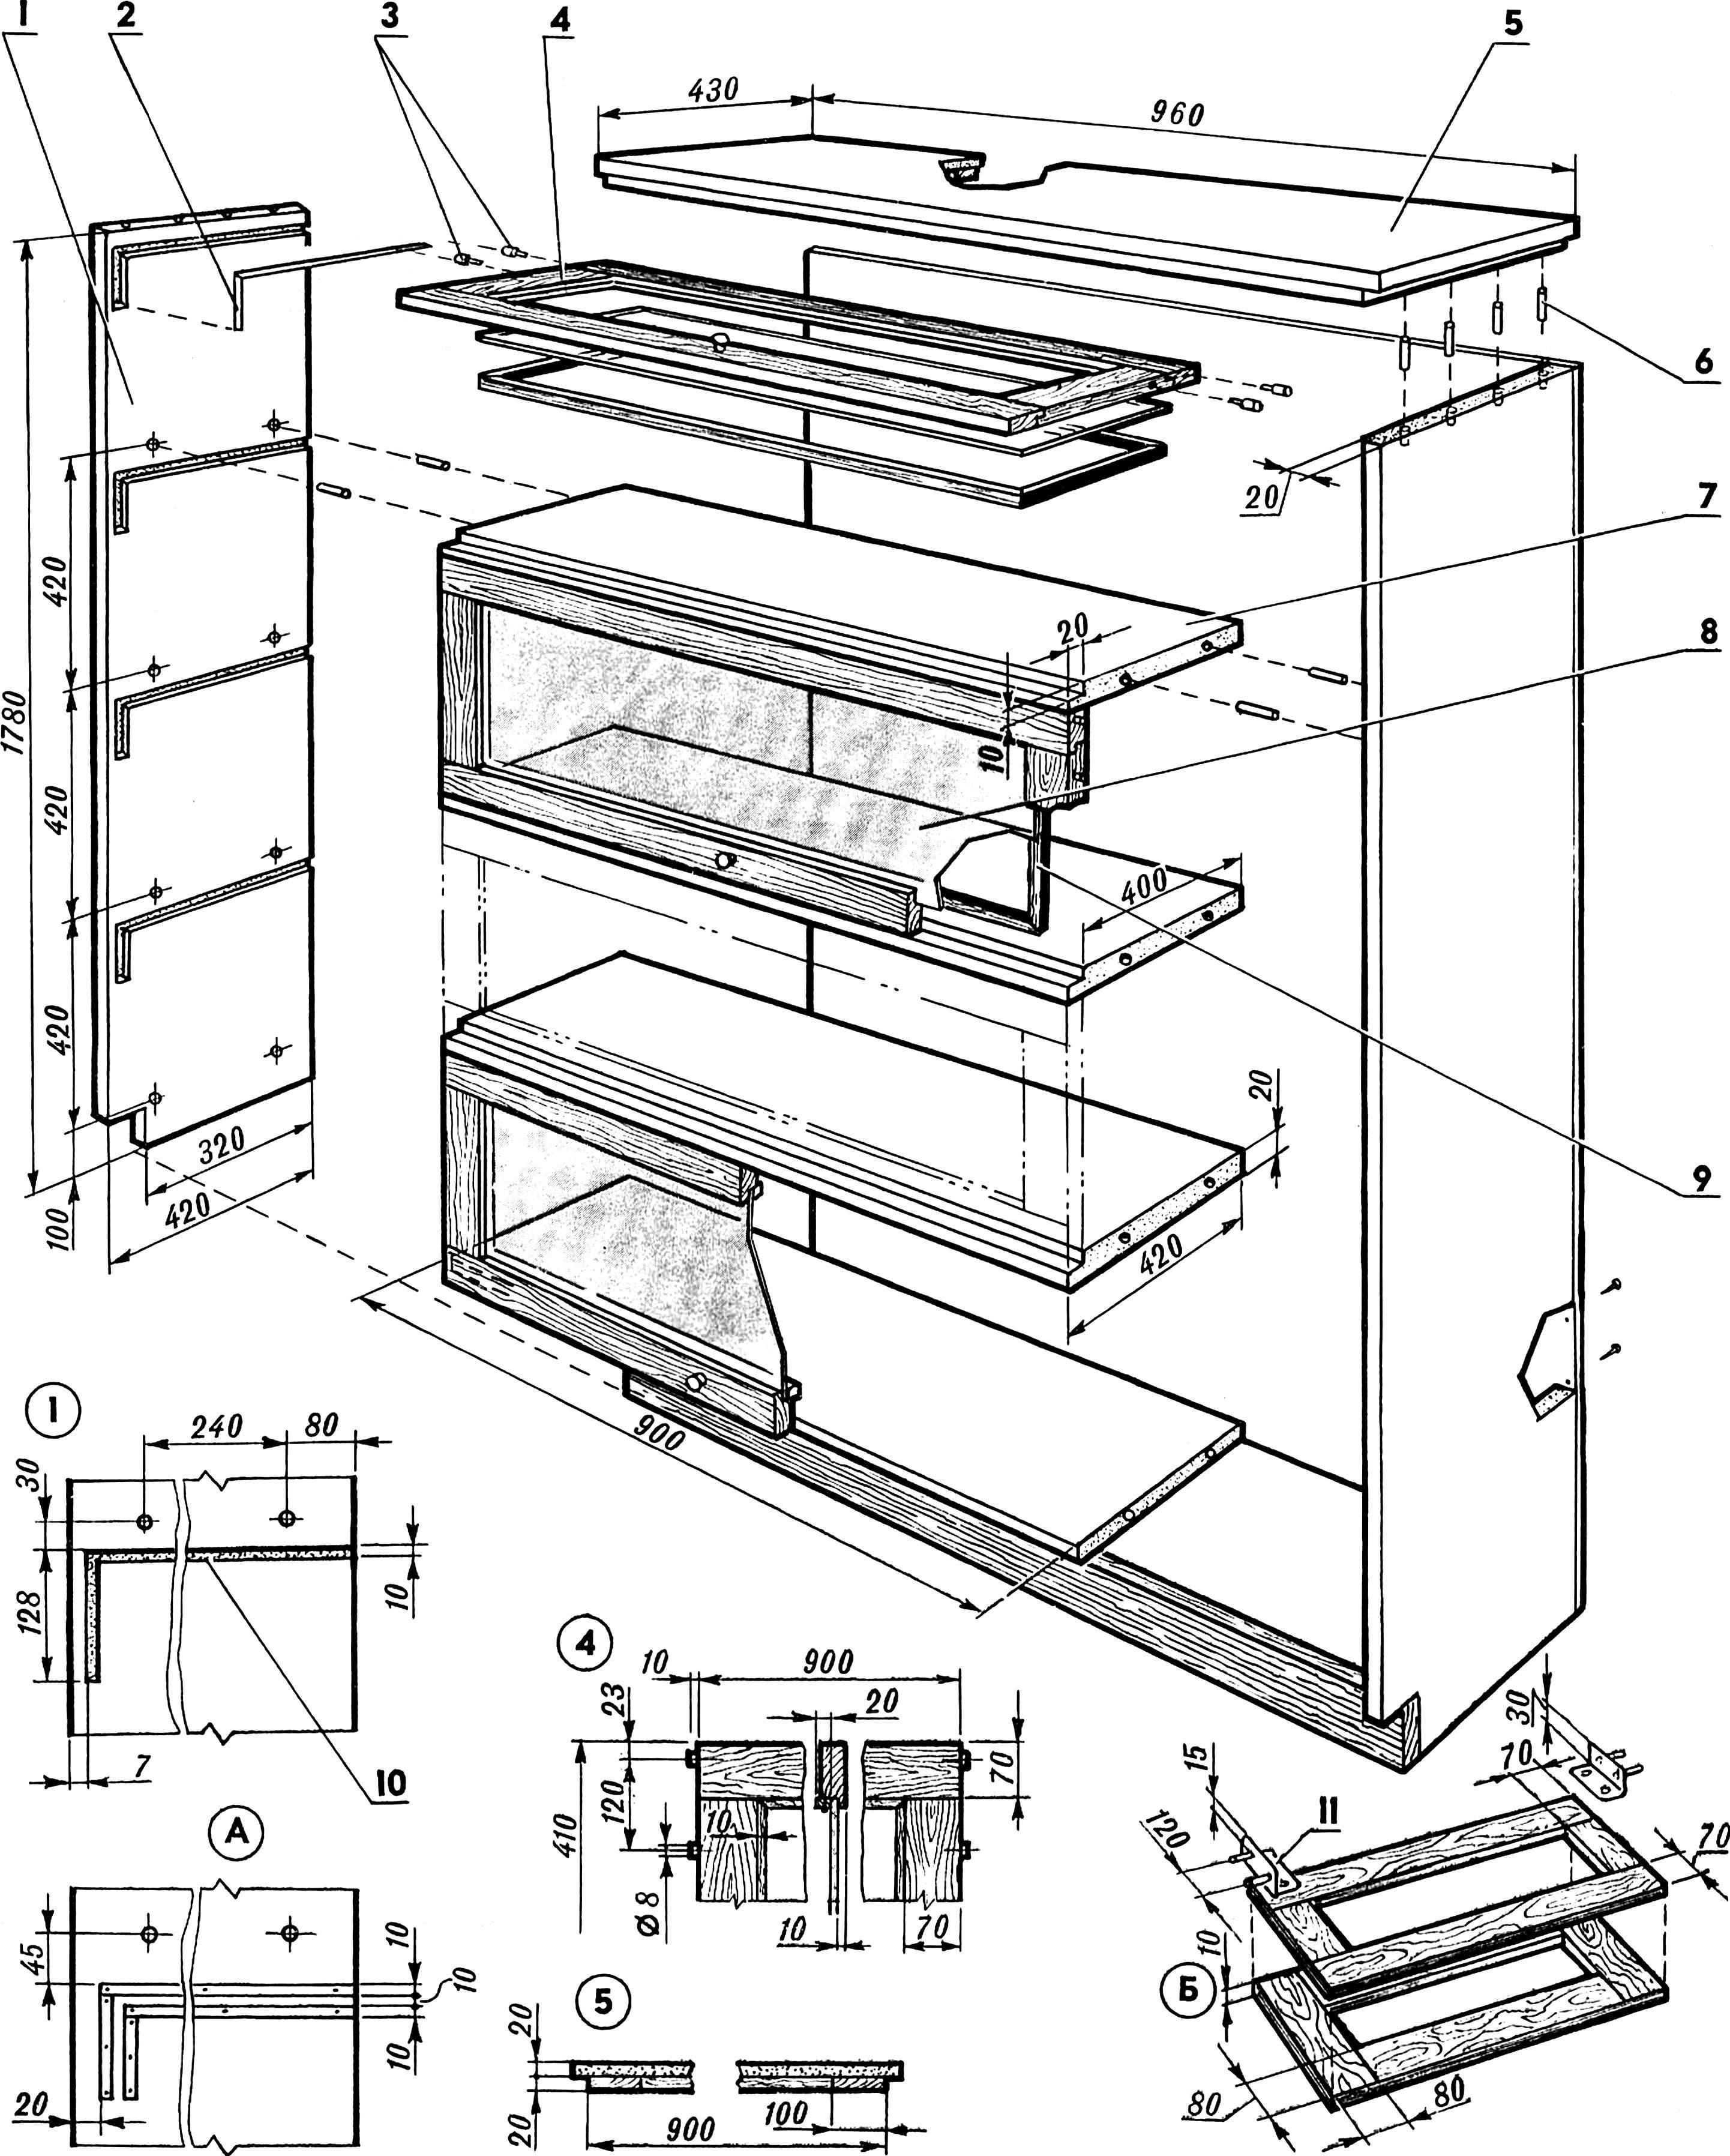 Шкаф книголюба моделист-конструктор.